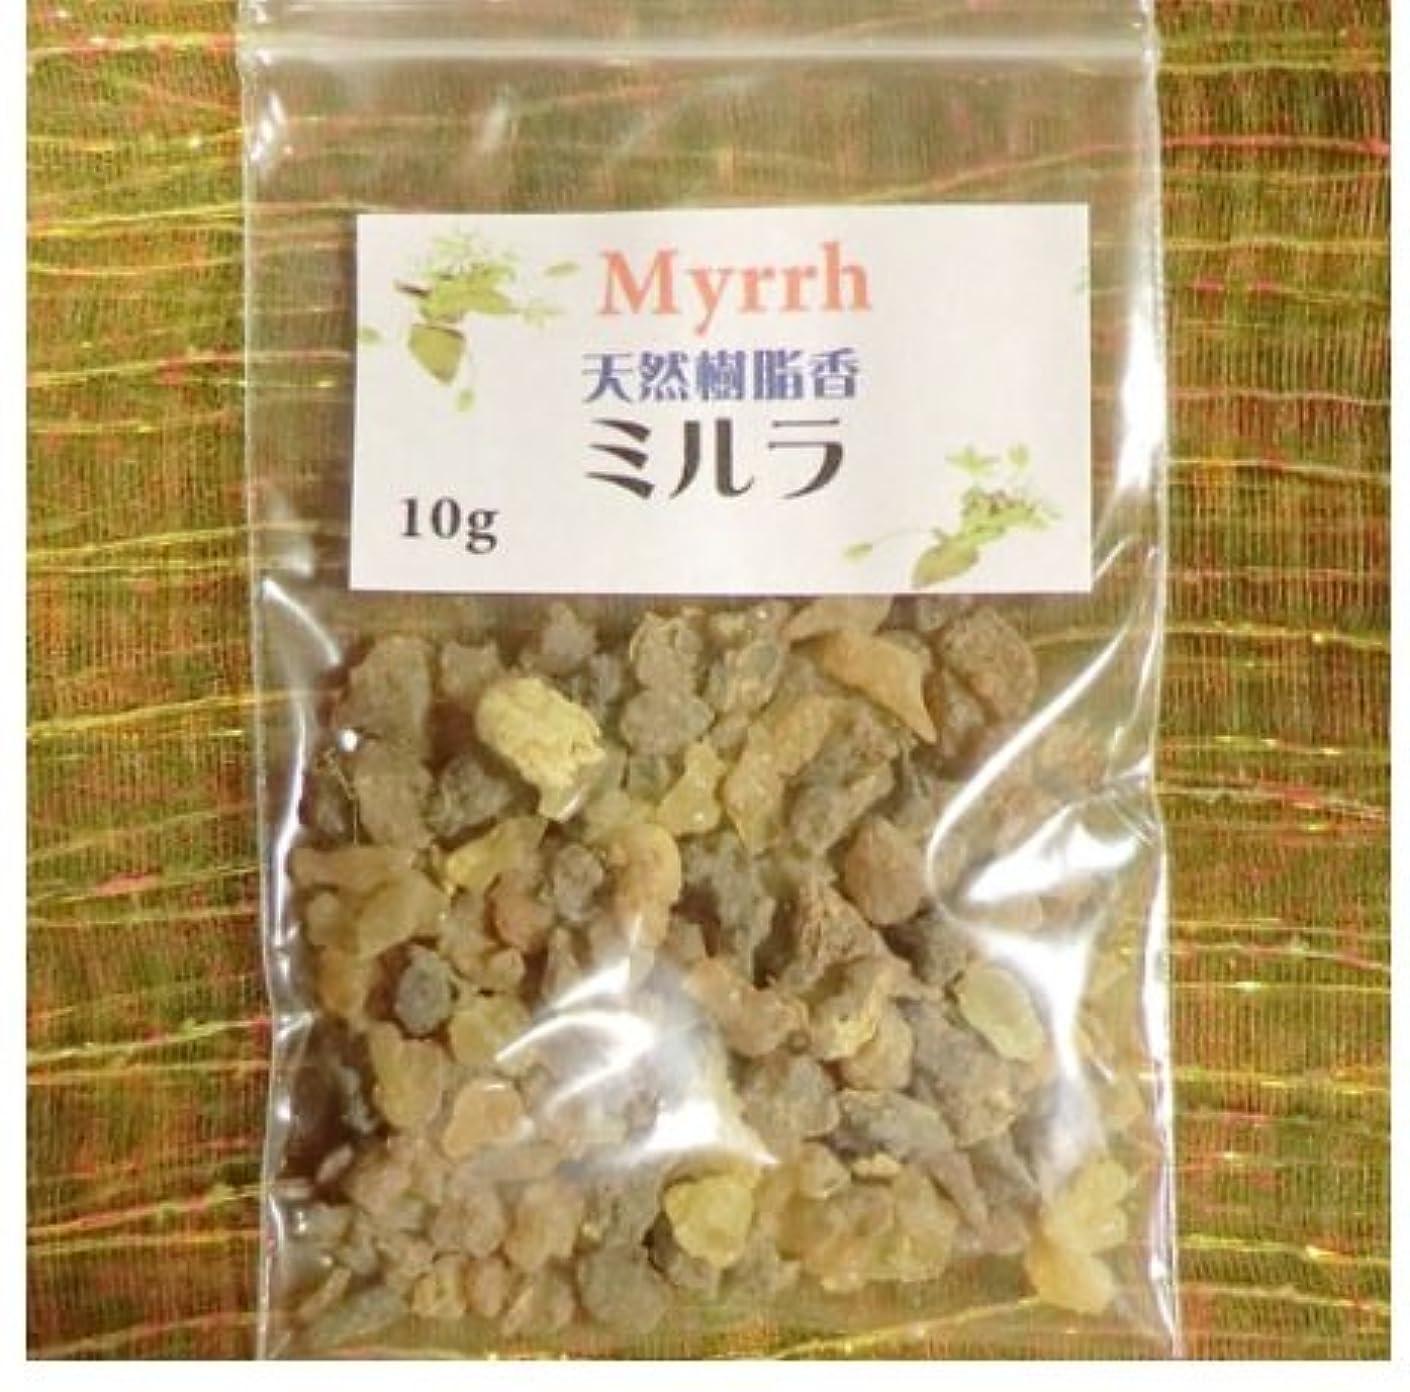 プレビスサイト走る学校の先生ミルラ Myrrh (没薬) 天然樹脂香 10g (ミルラ)